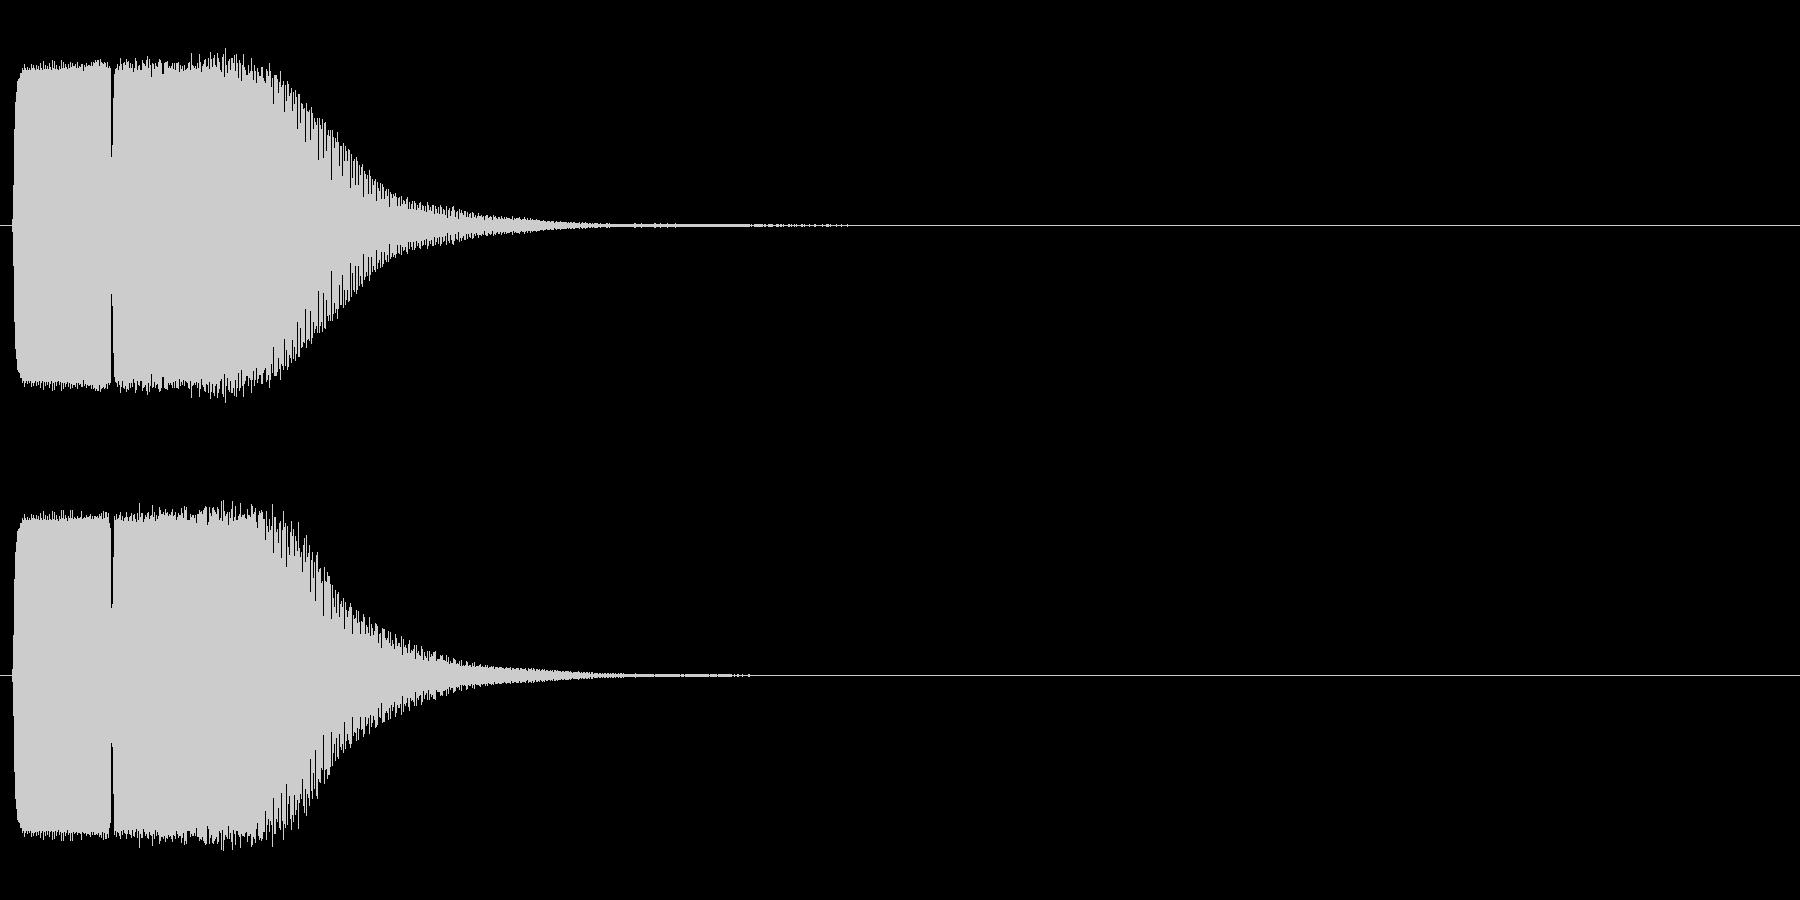 エラー(メッセージ,通知,停止)_05の未再生の波形